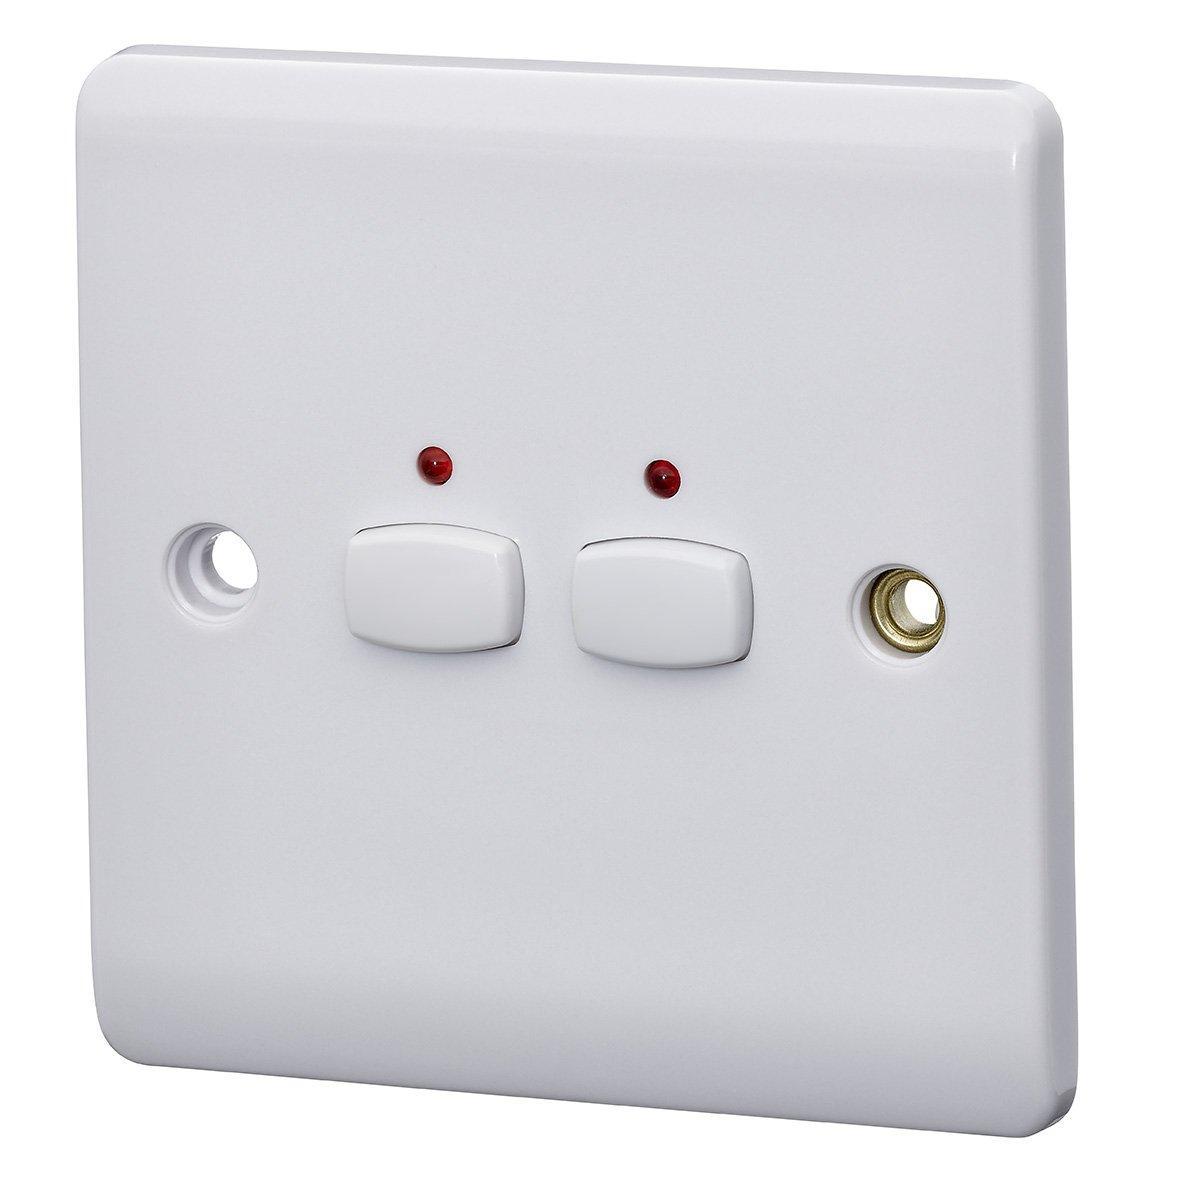 Выключатель Mihome 2-Gang Light, 240 В, белый совместимый с Alexa Energenie MIHO009